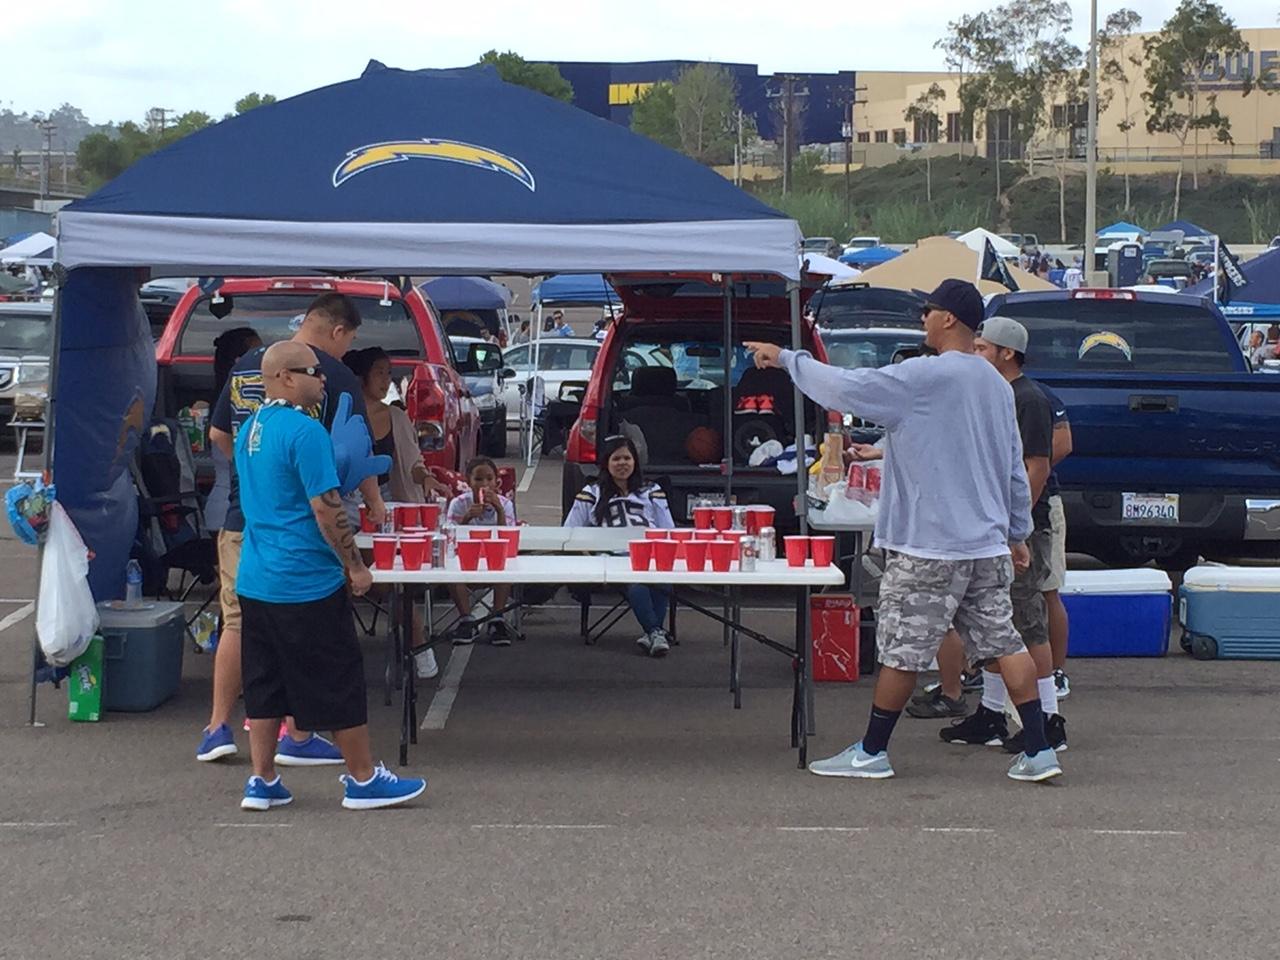 """Qualcomm Stadium, San Diego, CA – """"Beer Pong"""". Ping-pong labda és sörrel töltött poharak, kiváló iszogatós csapatjáték (Fotó: PrehryFarkas)"""